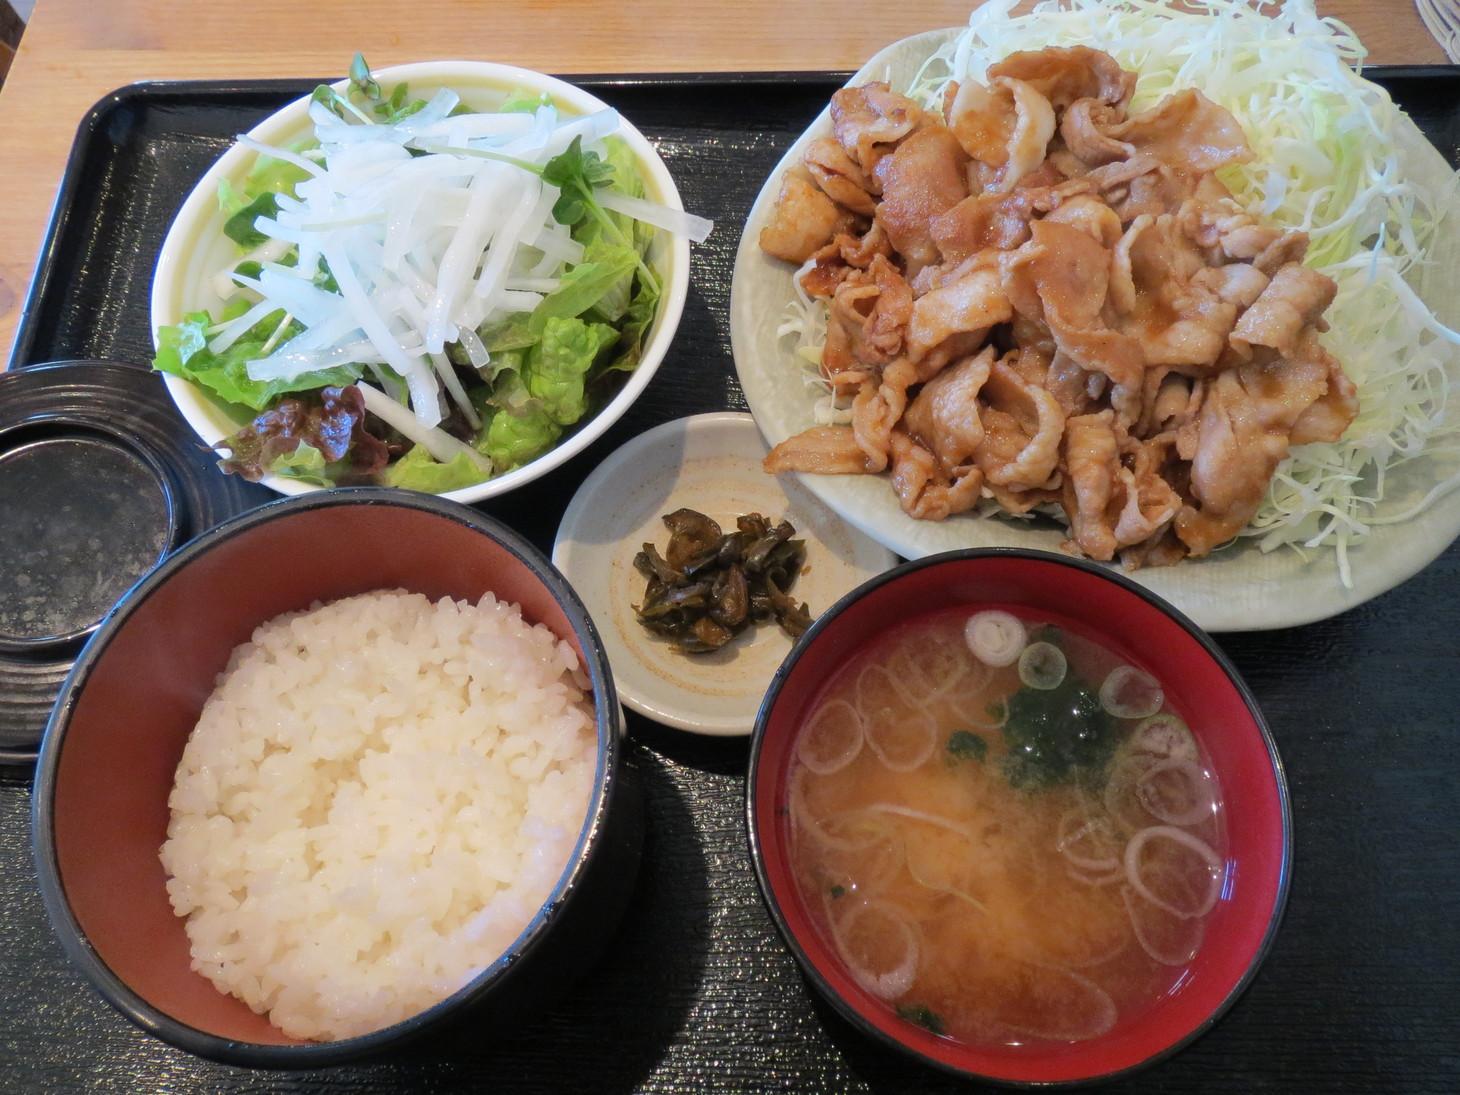 麺料理とアジアンごはん 晴蔵